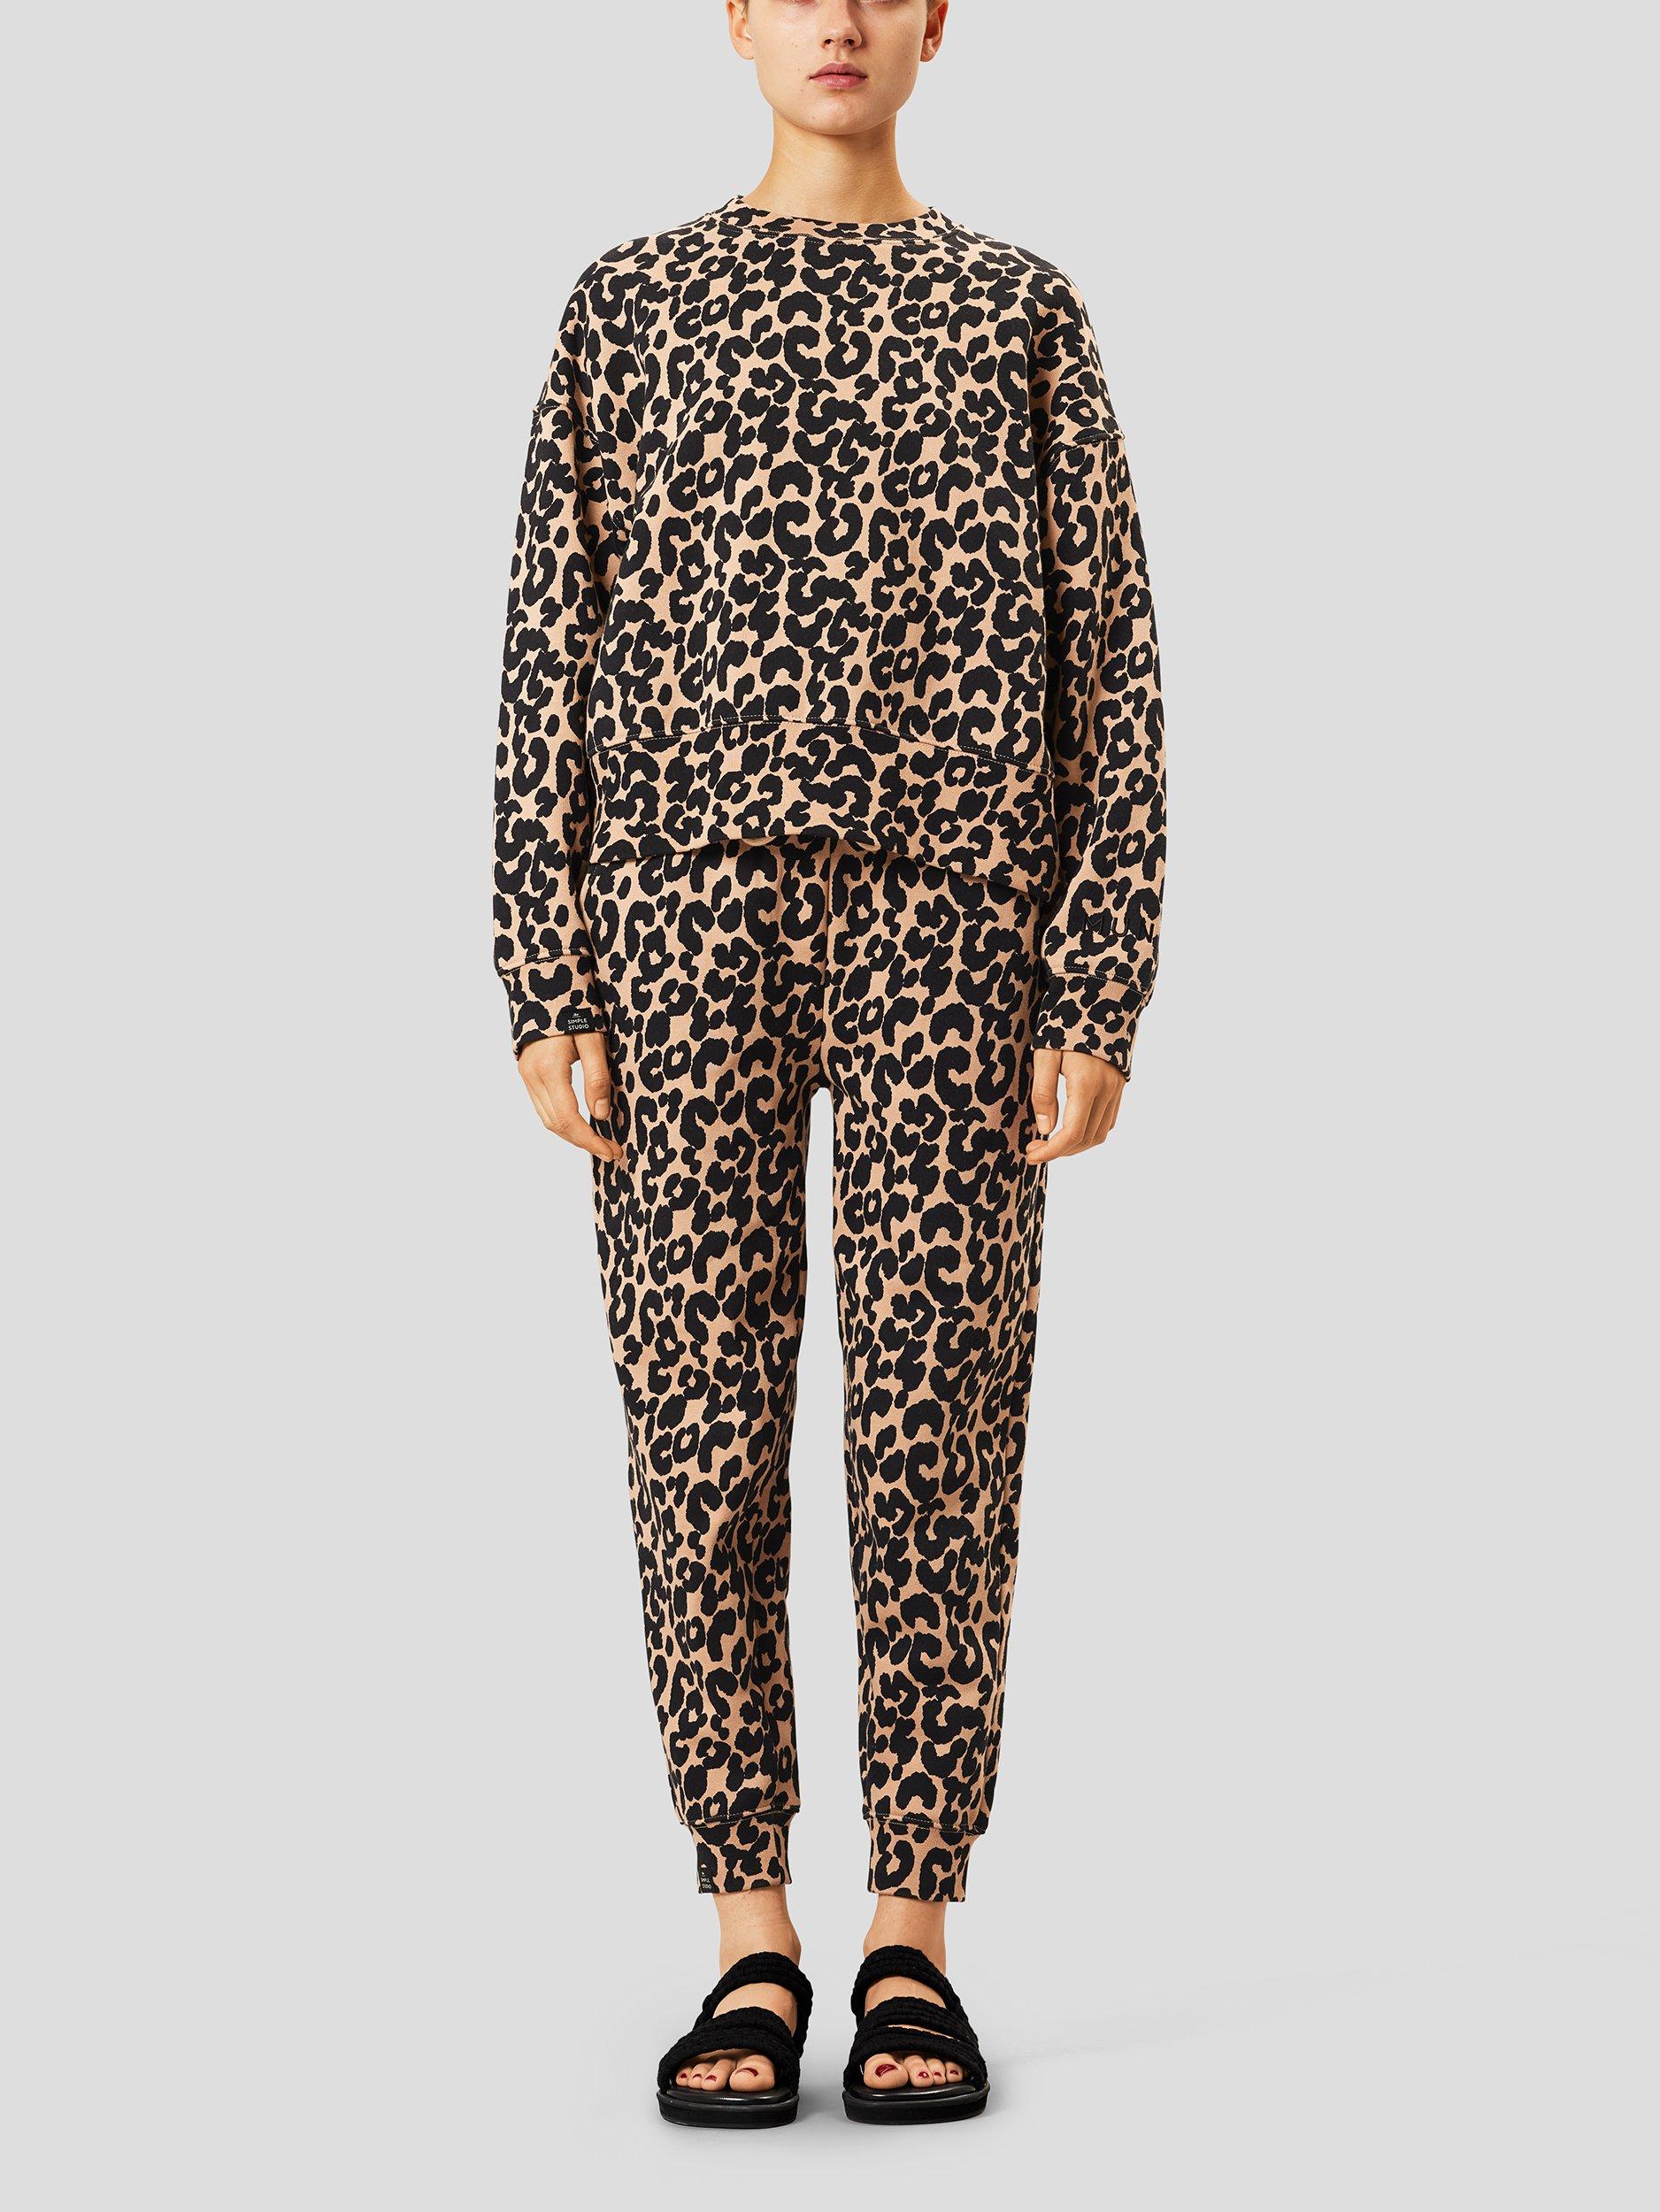 Munthe Faye-Le Sweatpants, Camel, 38